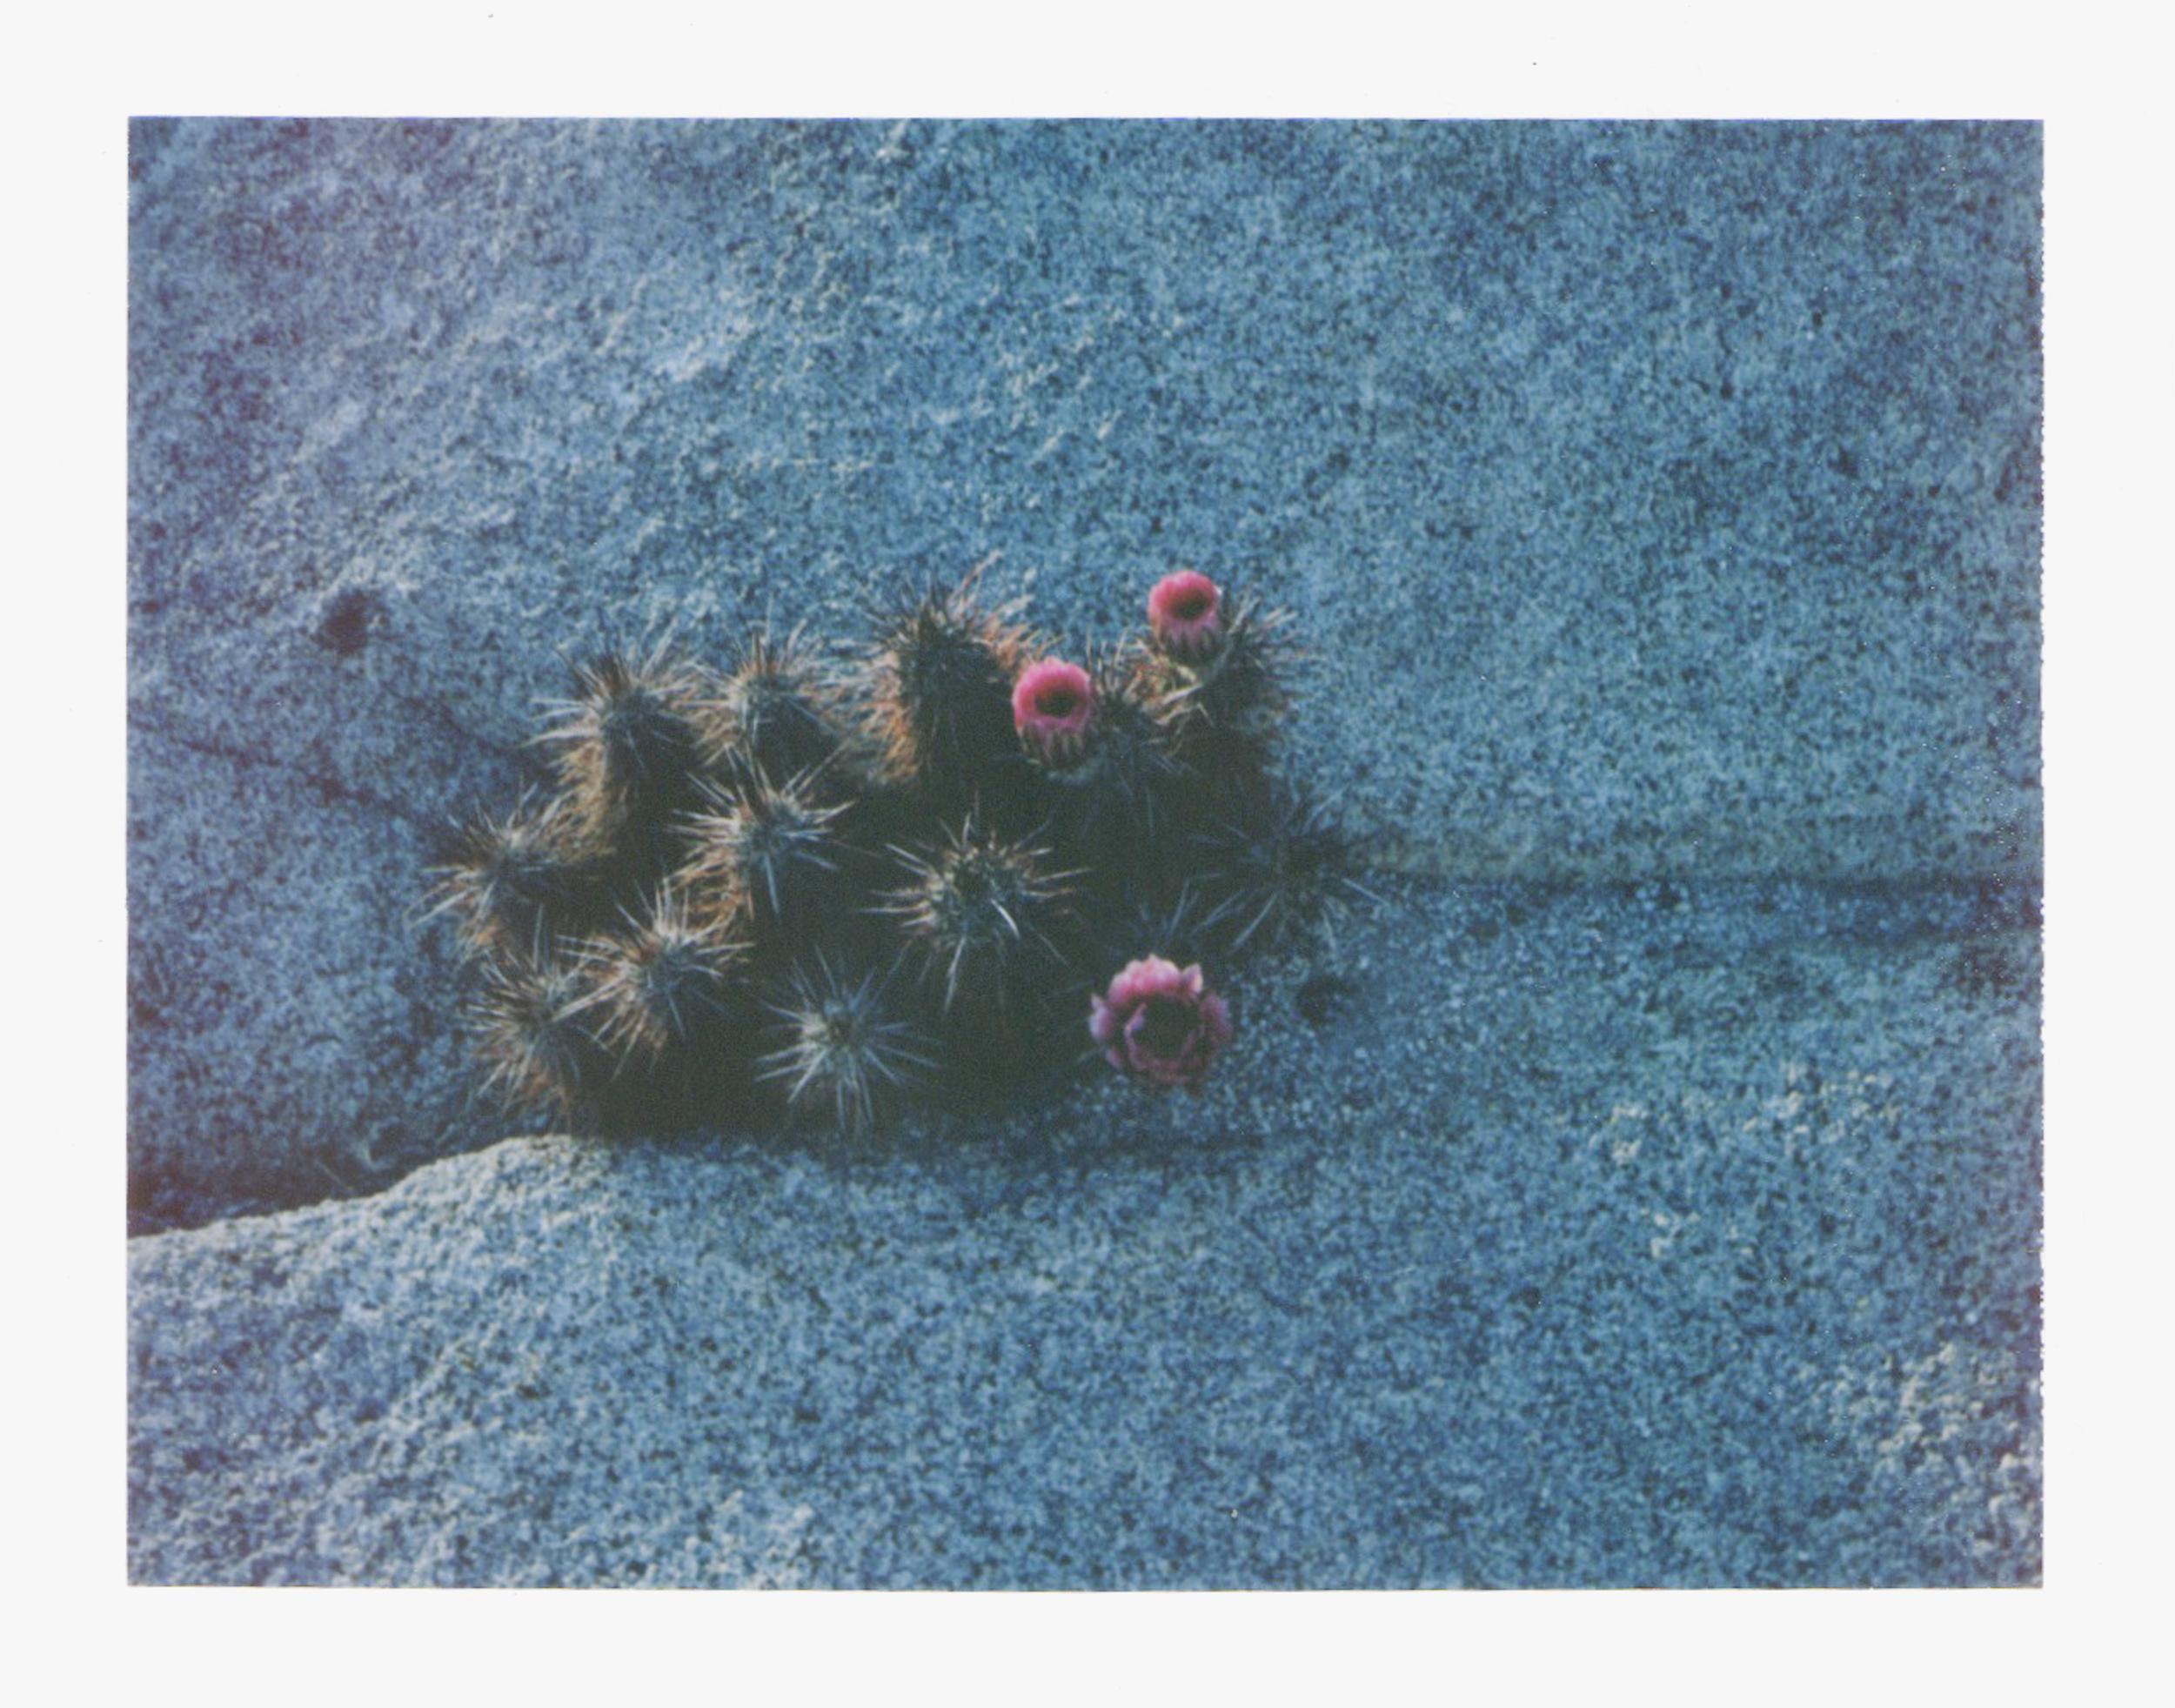 Joshua Tree Wildflower by Naomi Yamada